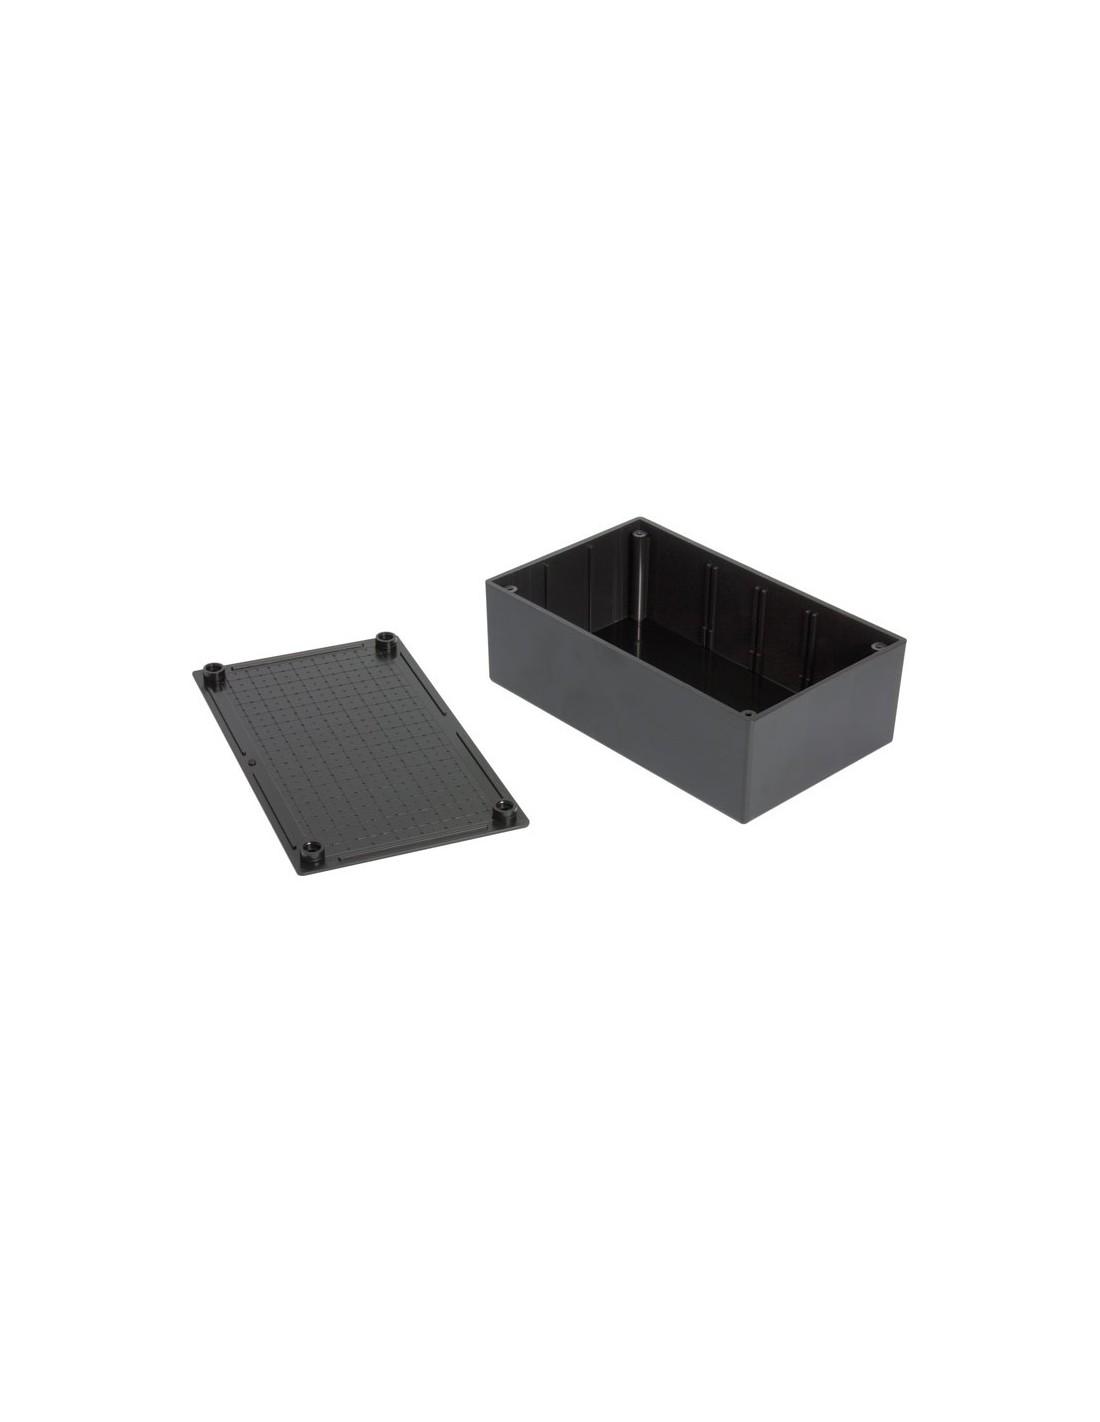 Cm024 caja de plastico 130x70x45mm electr nica y mas - Cajas de plastico ...